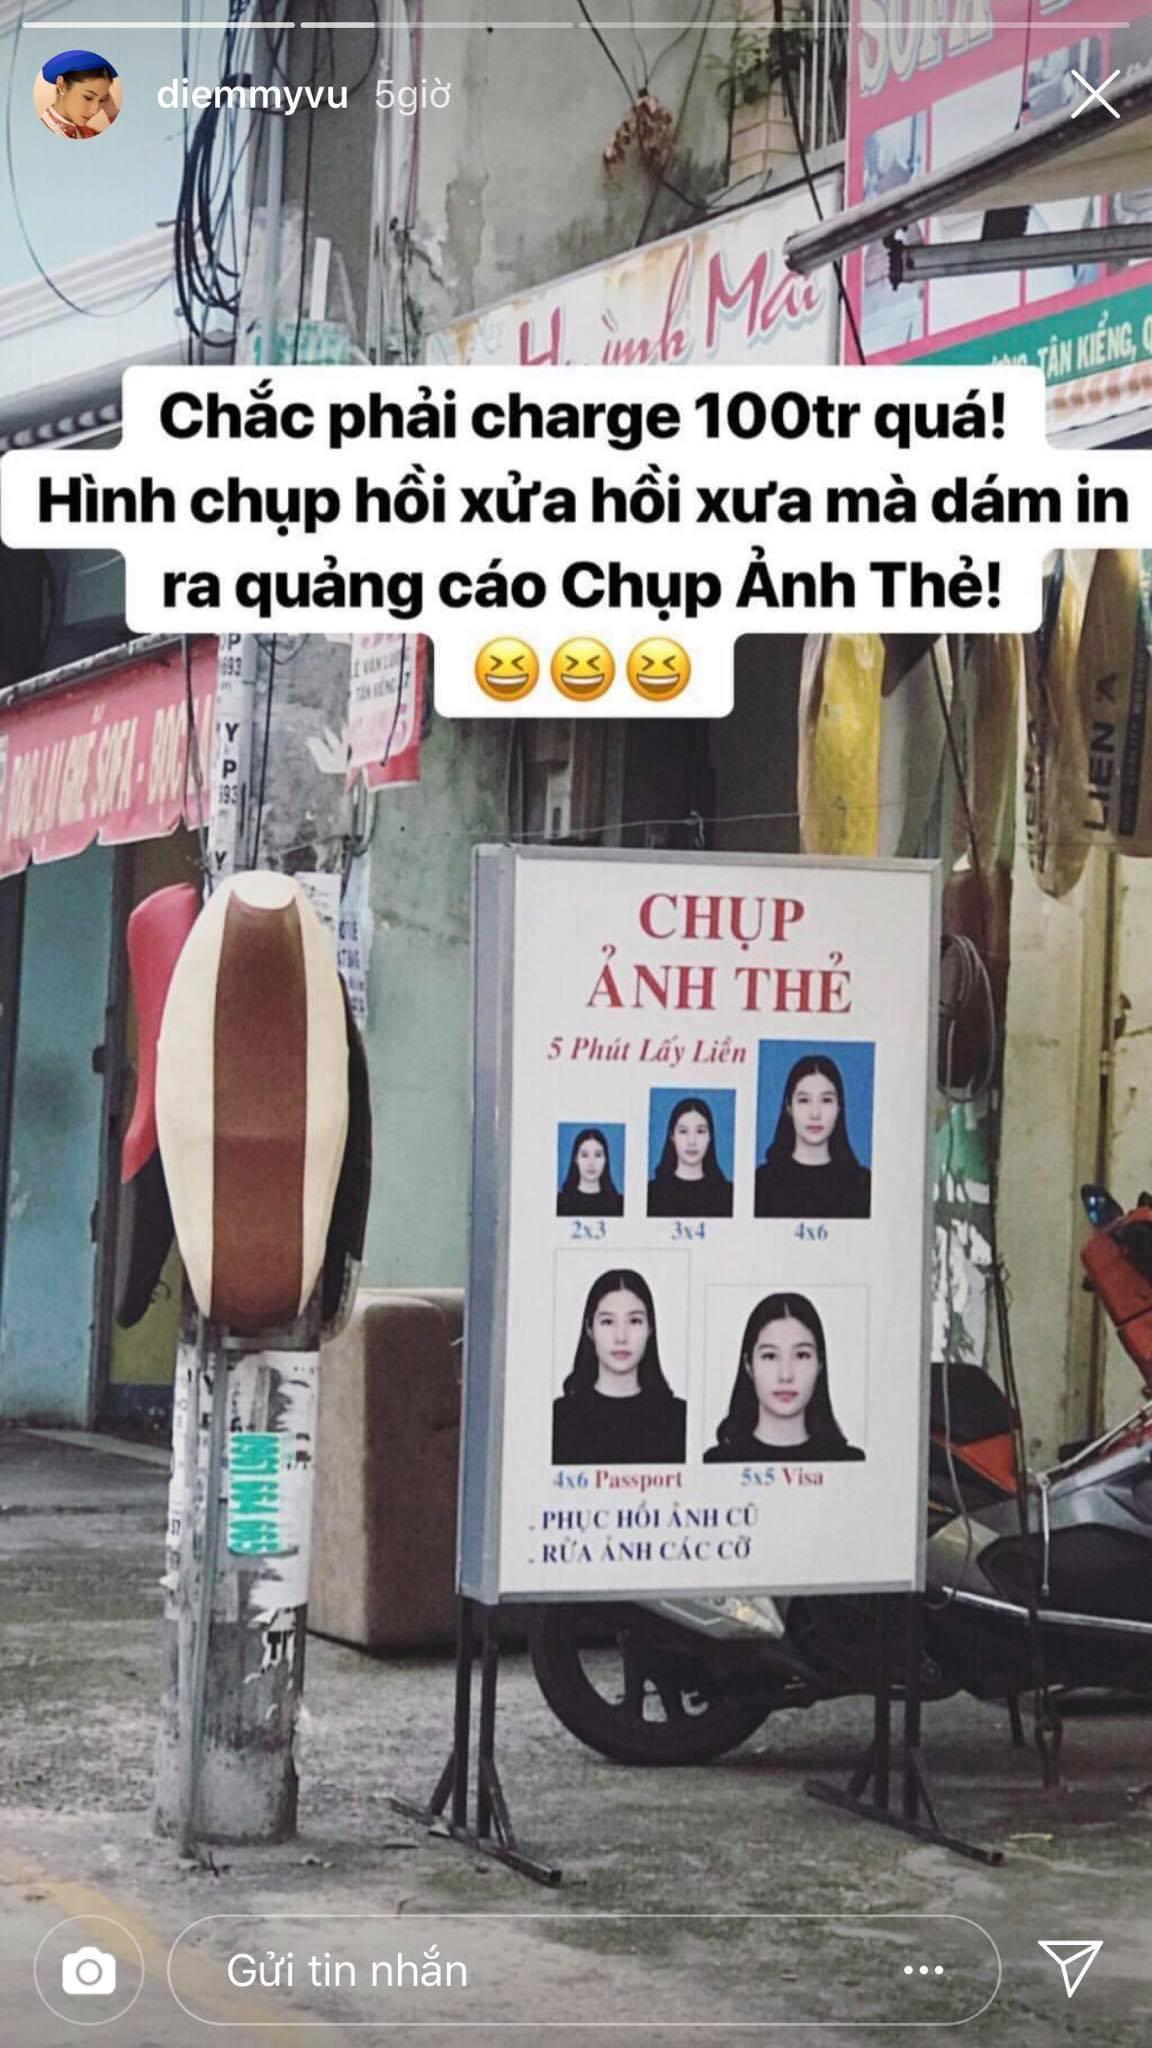 Vu vơ đòi phí 100 triệu vì ảnh thẻ bị sử dụng quảng cáo giữa ồn ào Trương Thế Vinh, Diễm My 9x bị dân mạng tổng tấn công - Ảnh 1.